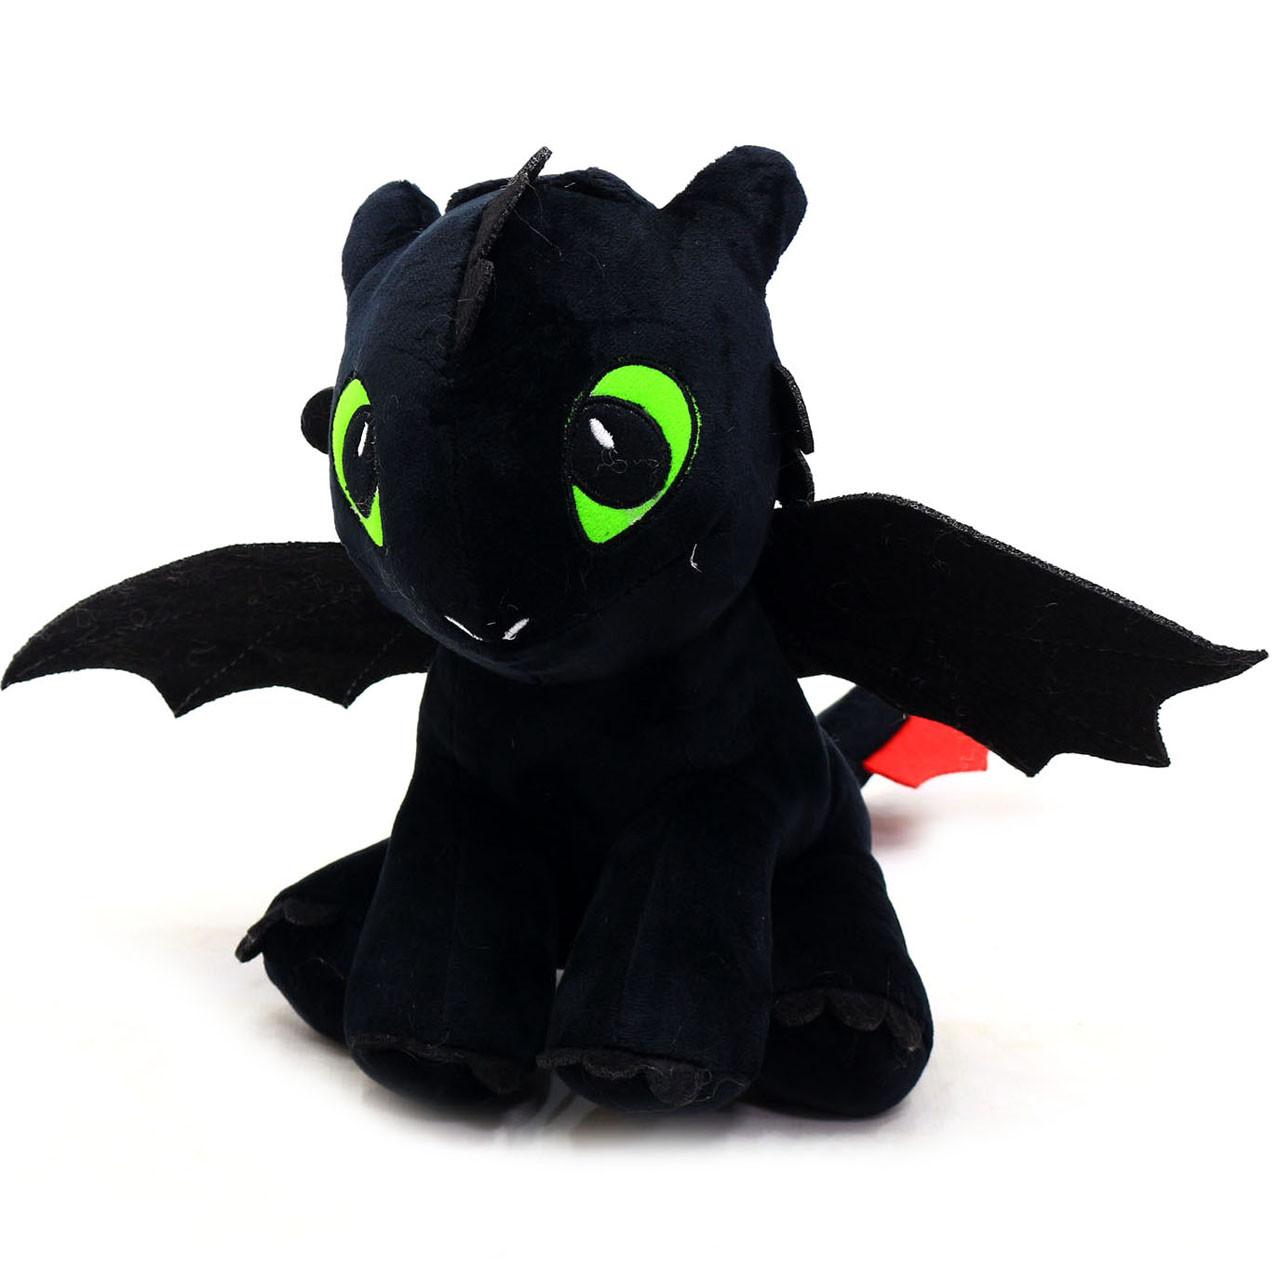 Мягкая игрушка фурия дракон черный арт. 00688-1, 30 см